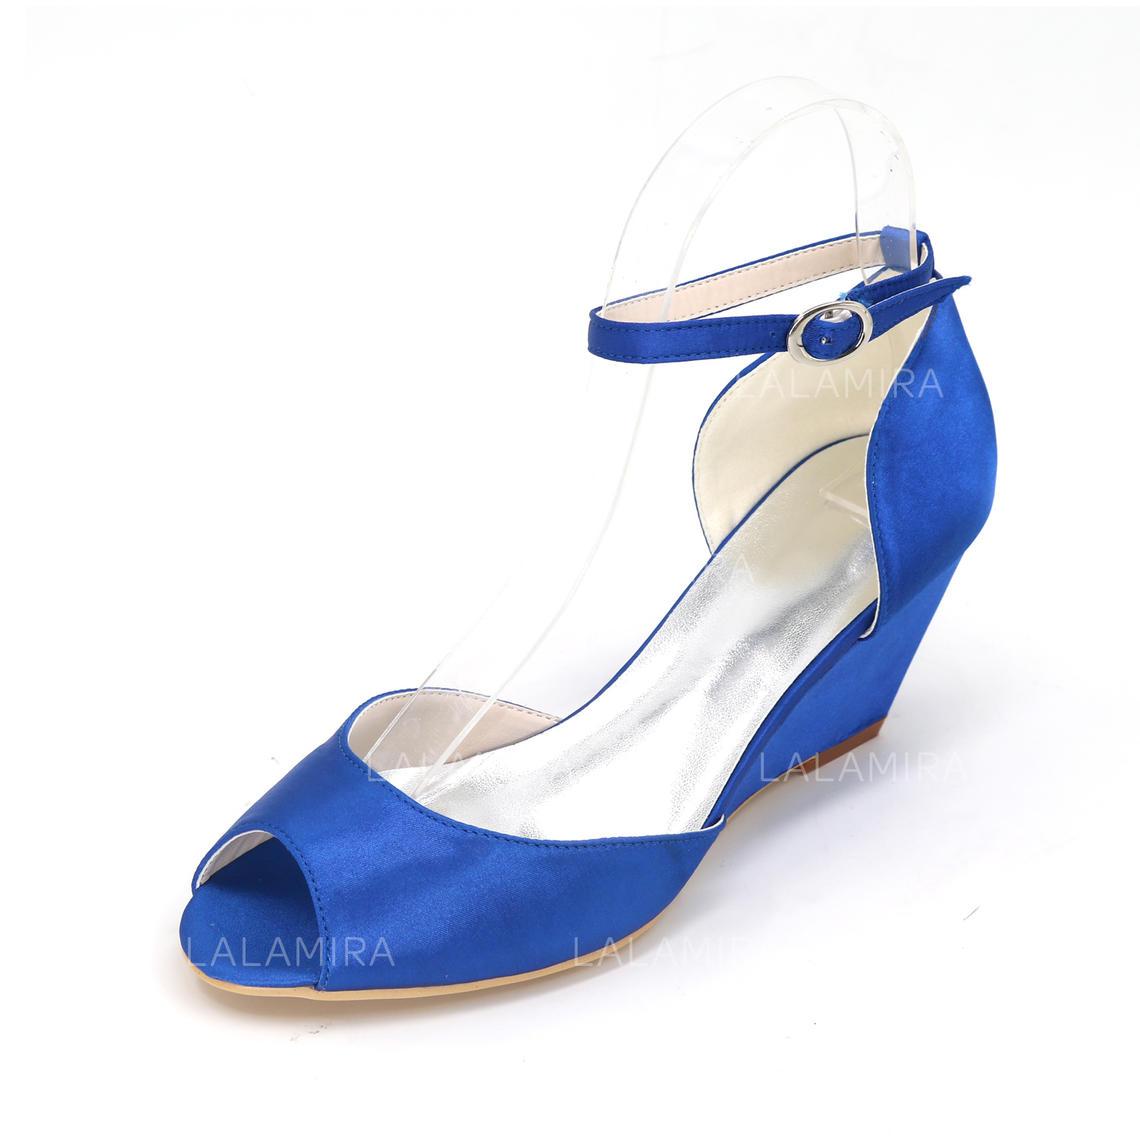 9d6df8a92eae84 Femmes À bout ouvert Escarpins Compensée Talon compensé Satiné avec Boucle Chaussures  de mariage (047096610. Loading zoom